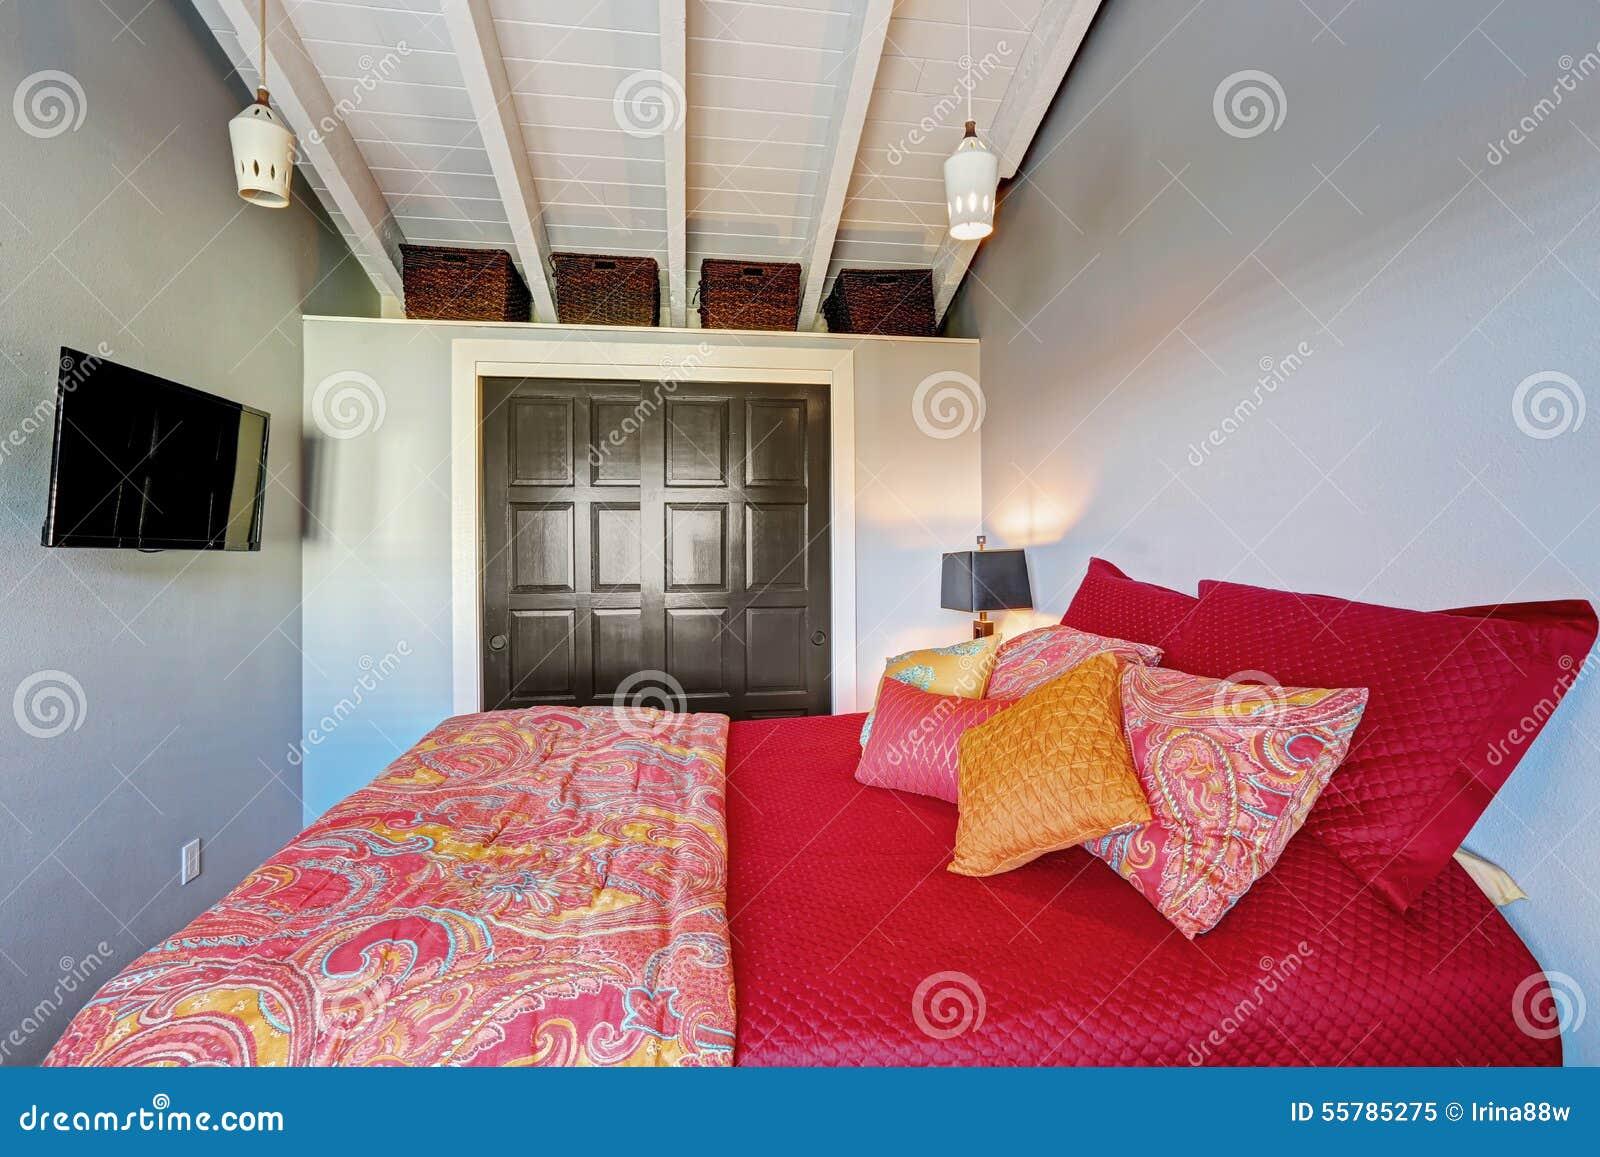 Litet perfekt sovrum med röd sängkläder och gråa väggar arkivfoto ...